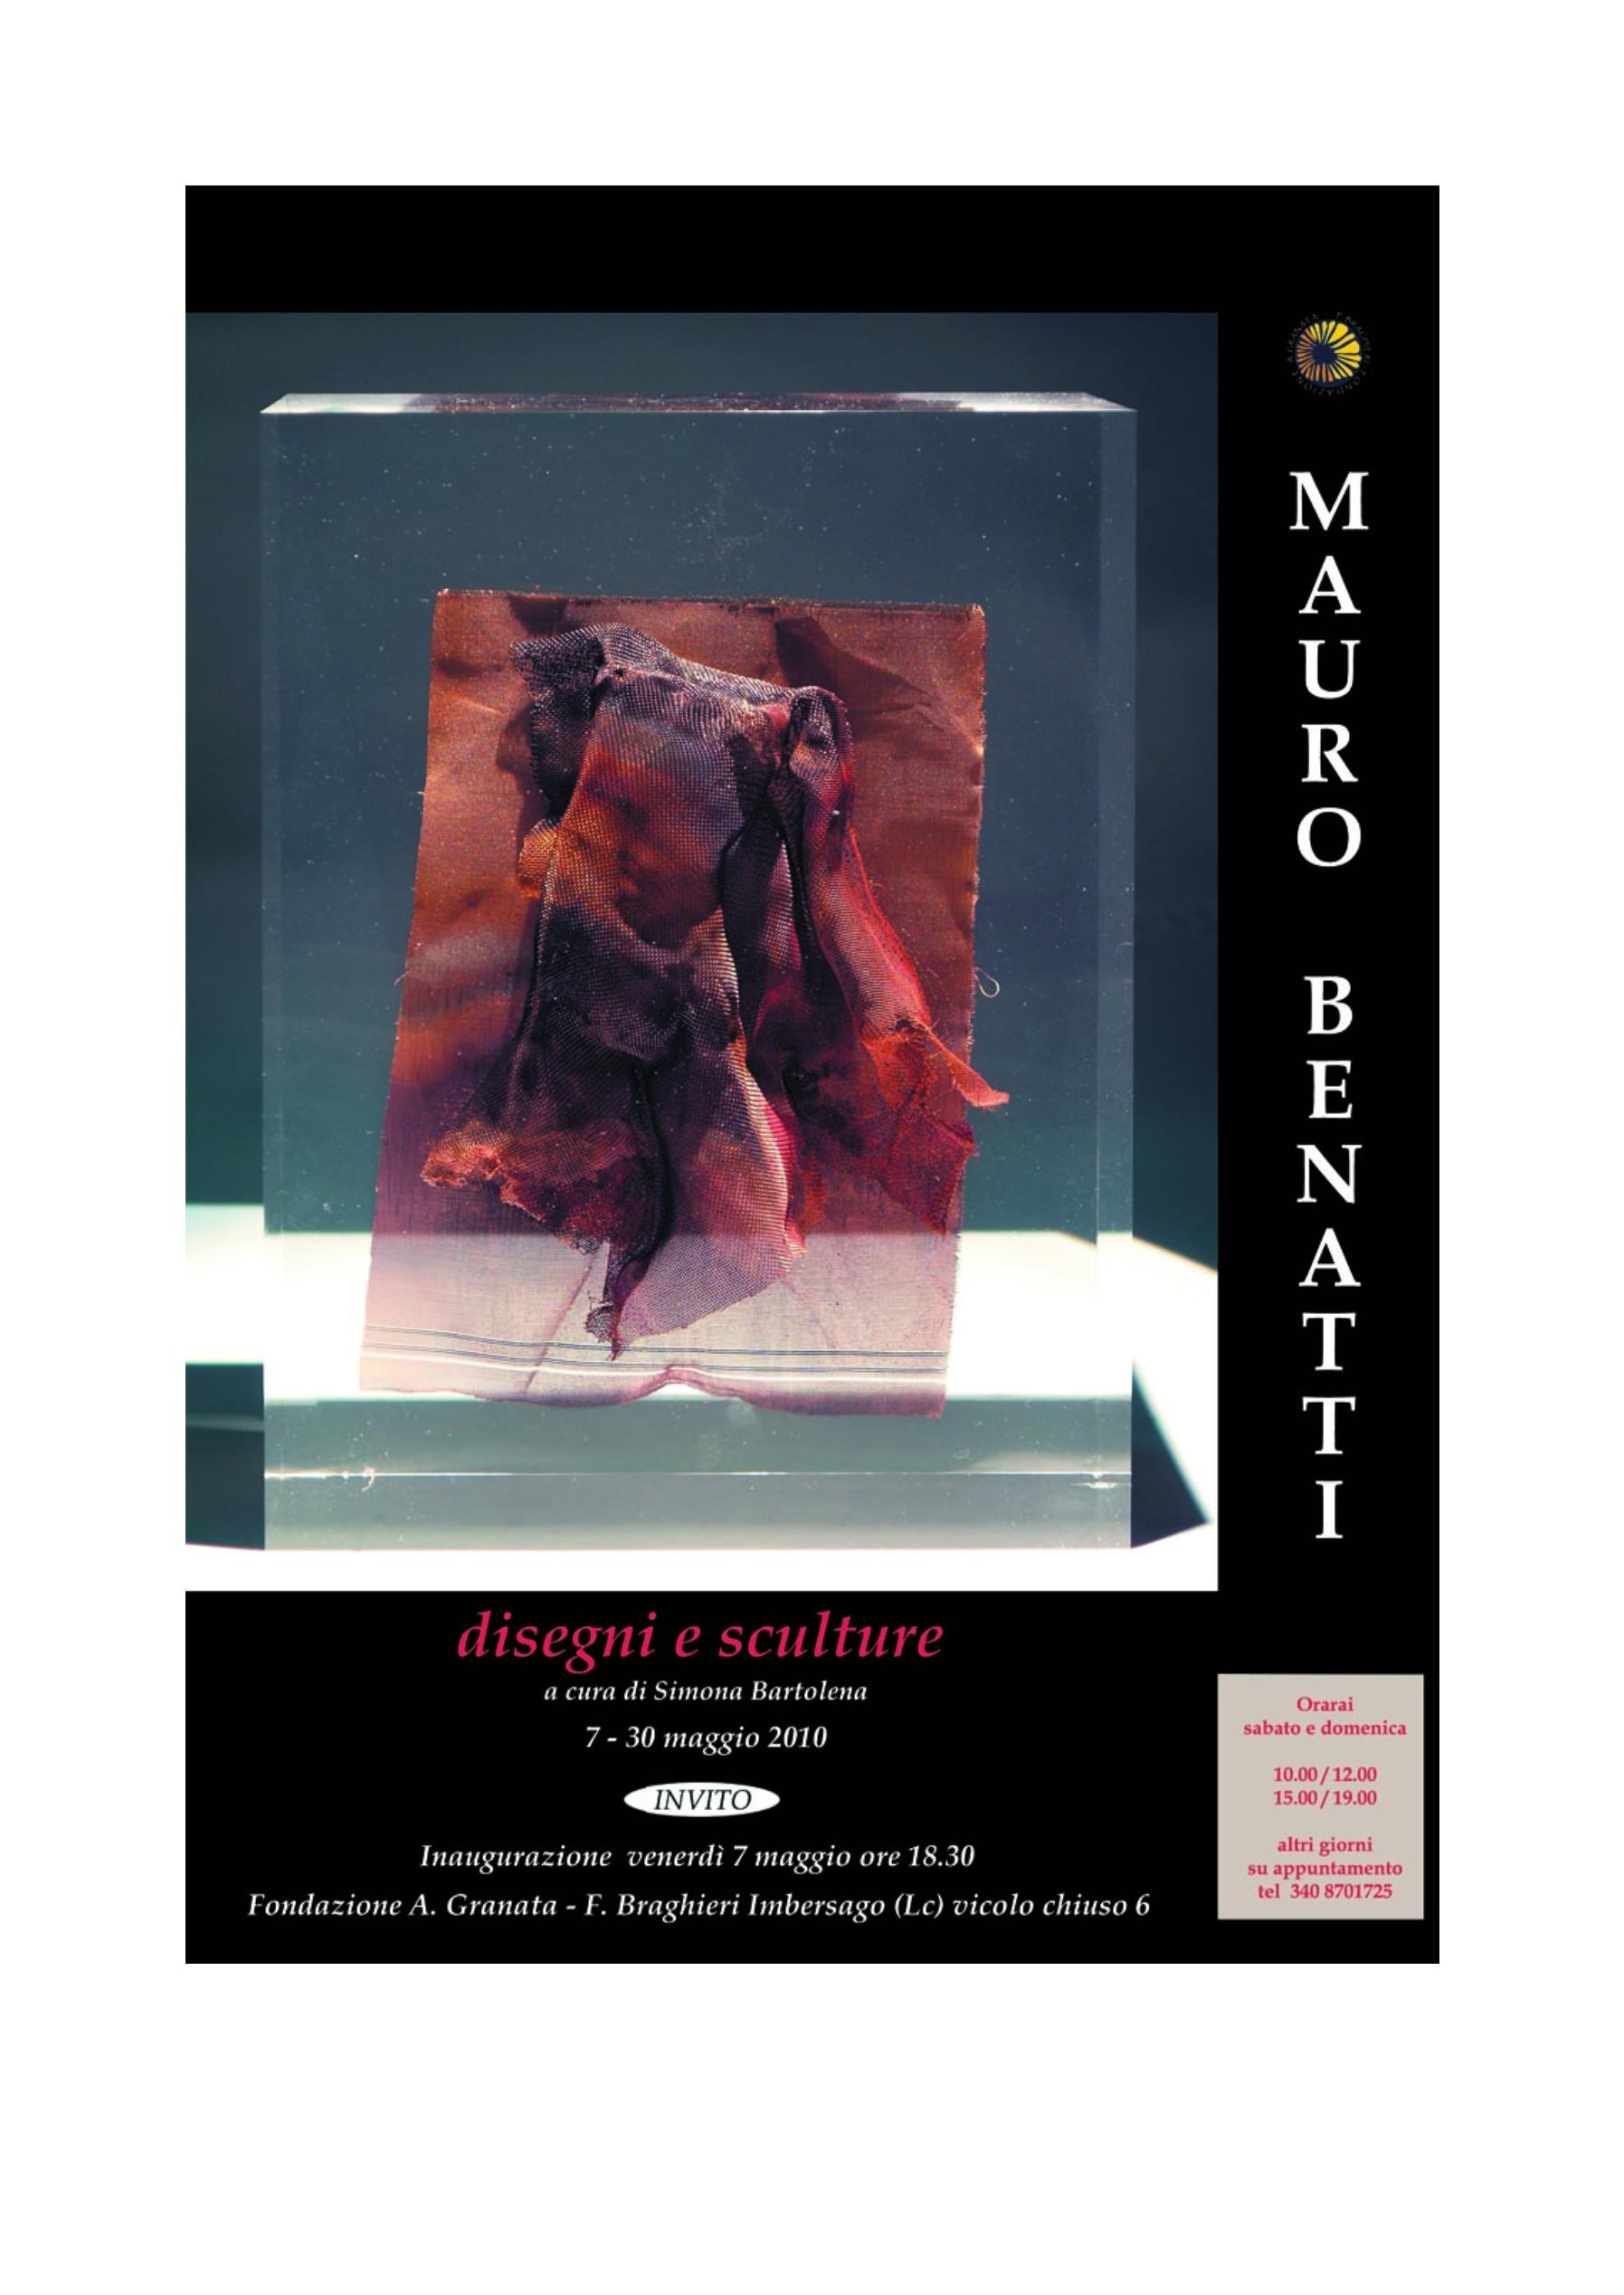 Disegni e sculture di Mauro Benatti